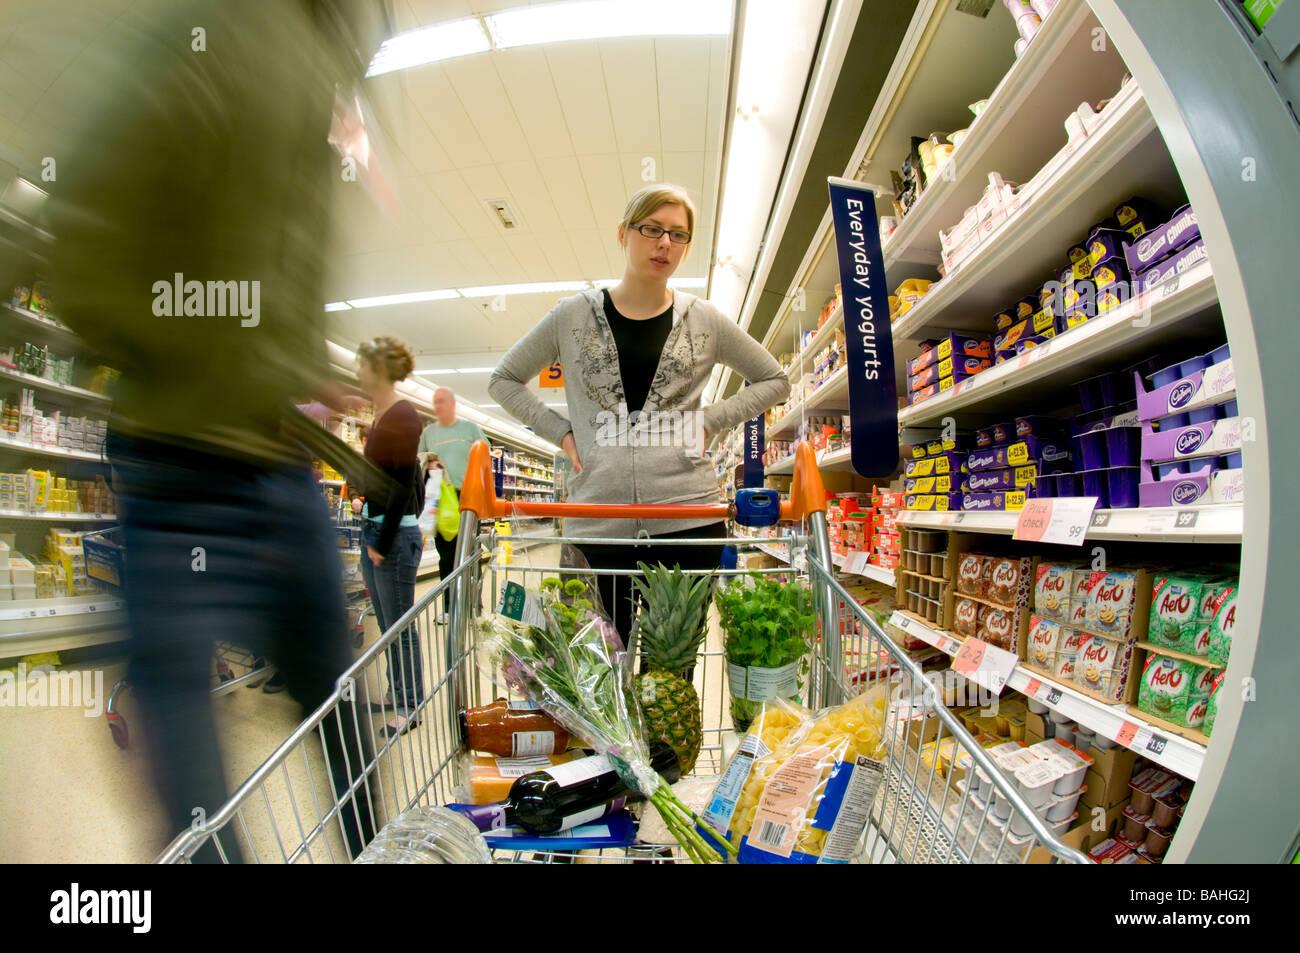 Couple Supermarket Shopping, UK - Stock Image